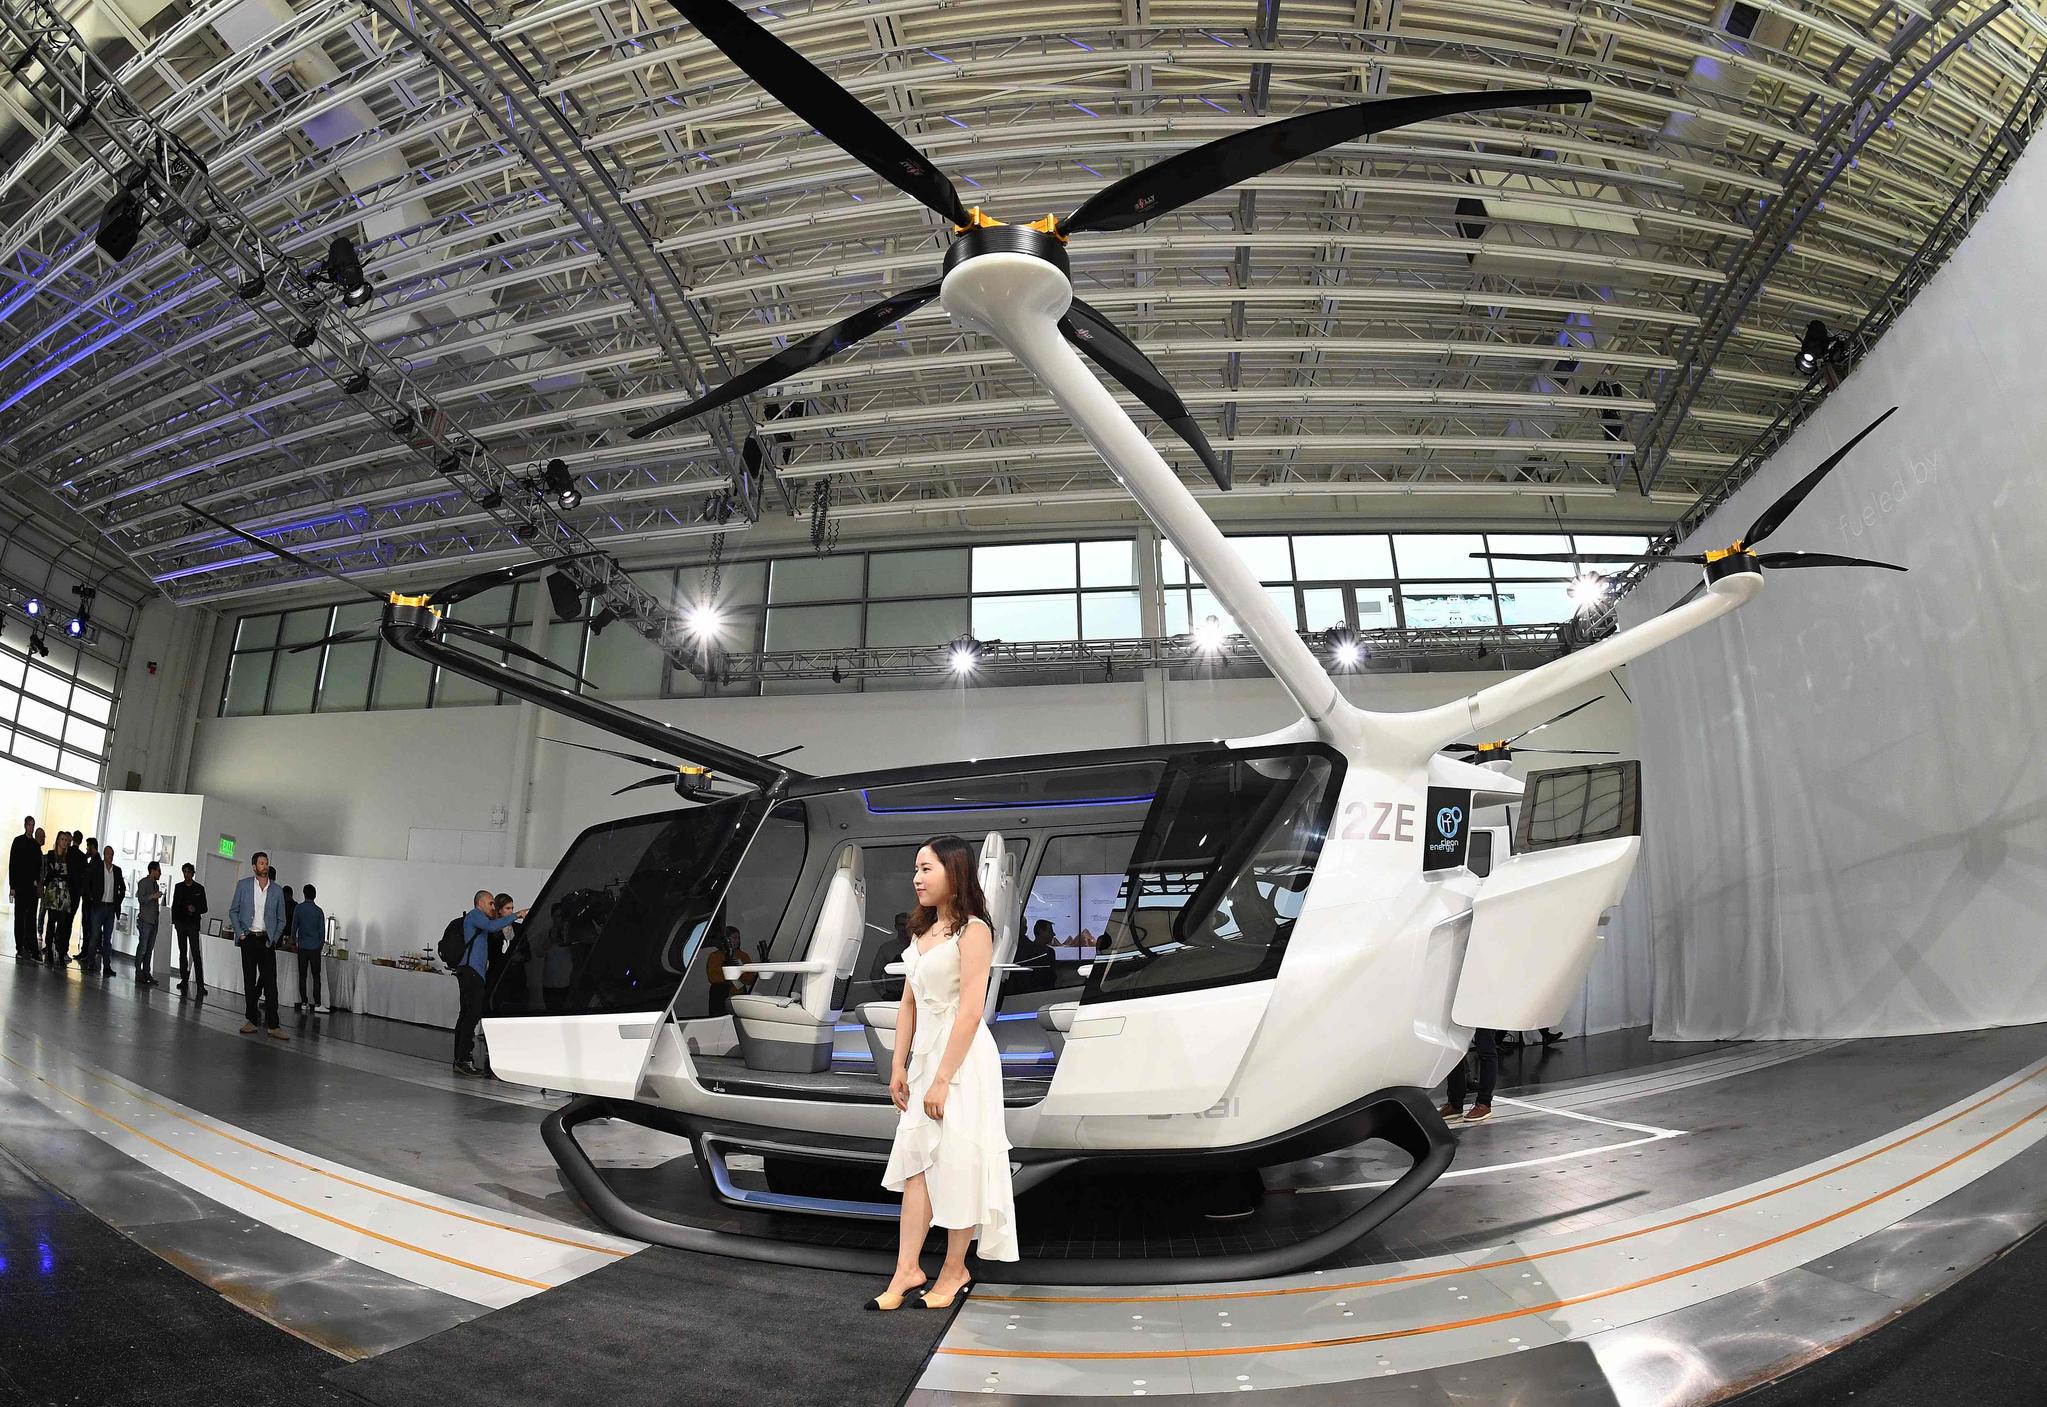 30일(현지시간) 미국 캘리포니아주 뉴버리파크에서 세계 최초로 수소연료 전지가 탑재된 비행 차량 '스카이'(Skai)가 공개됐다. [AFP=연합뉴스]